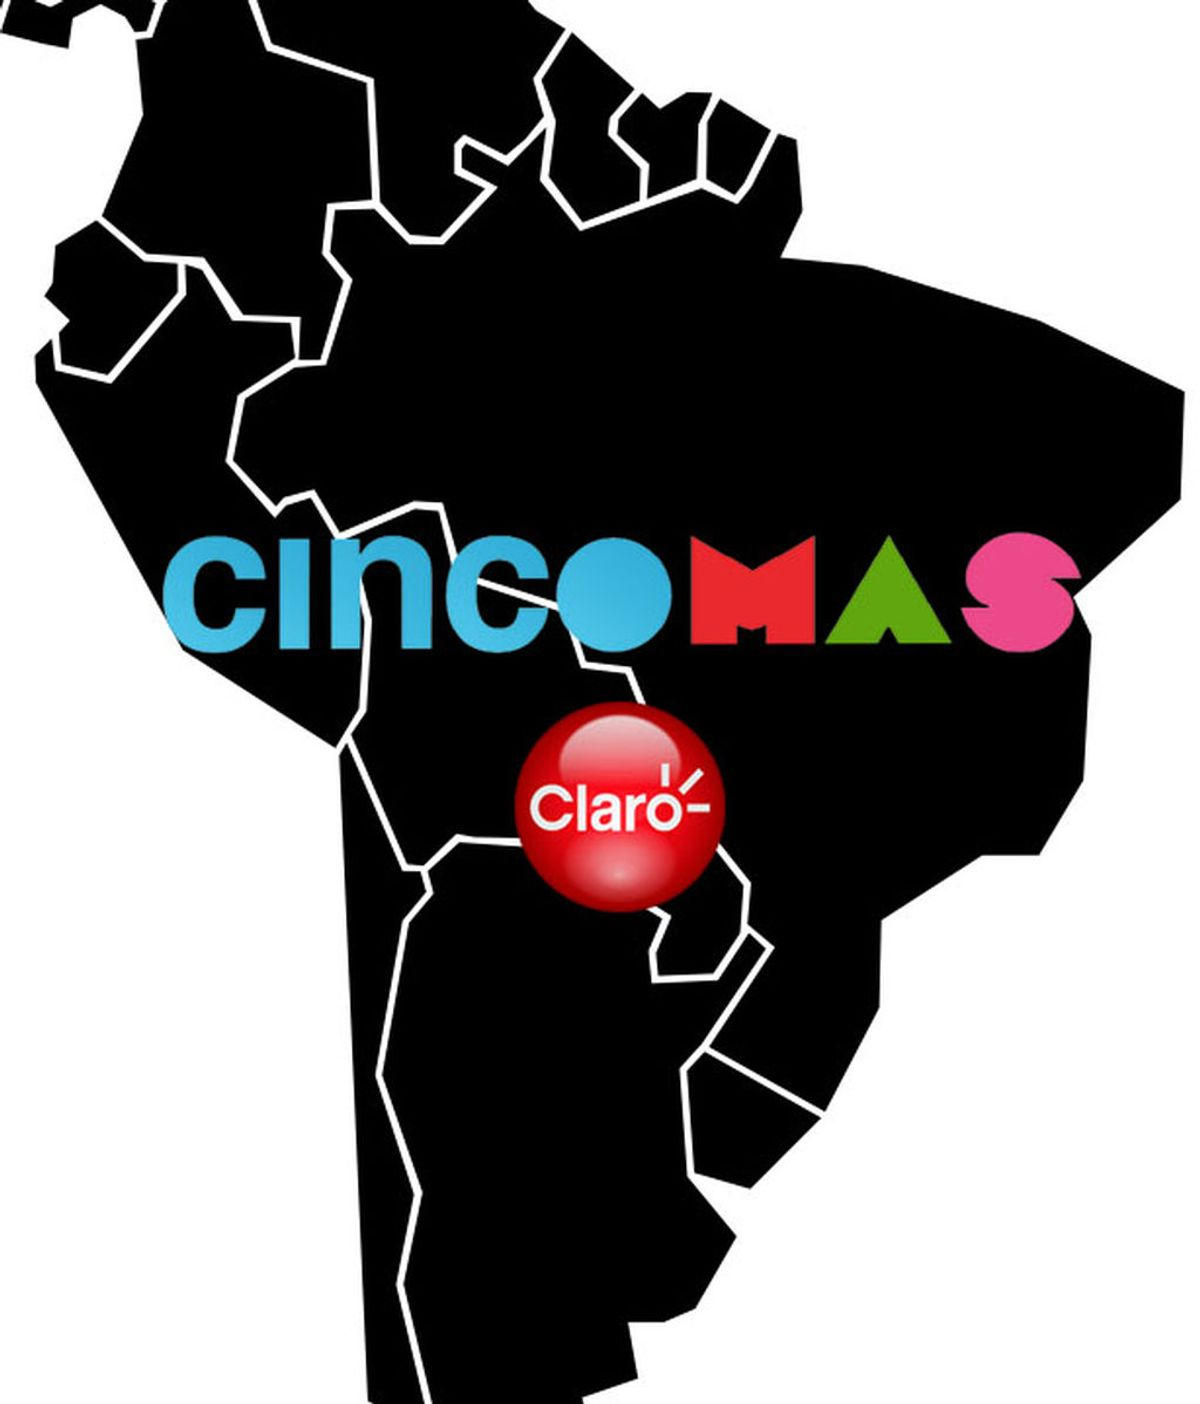 CincoMAS comienza sus emisiones regulares en Chile, Paraguay, Perú y Ecuador tras alcanzar un acuerdo de distribución con ClaroTV